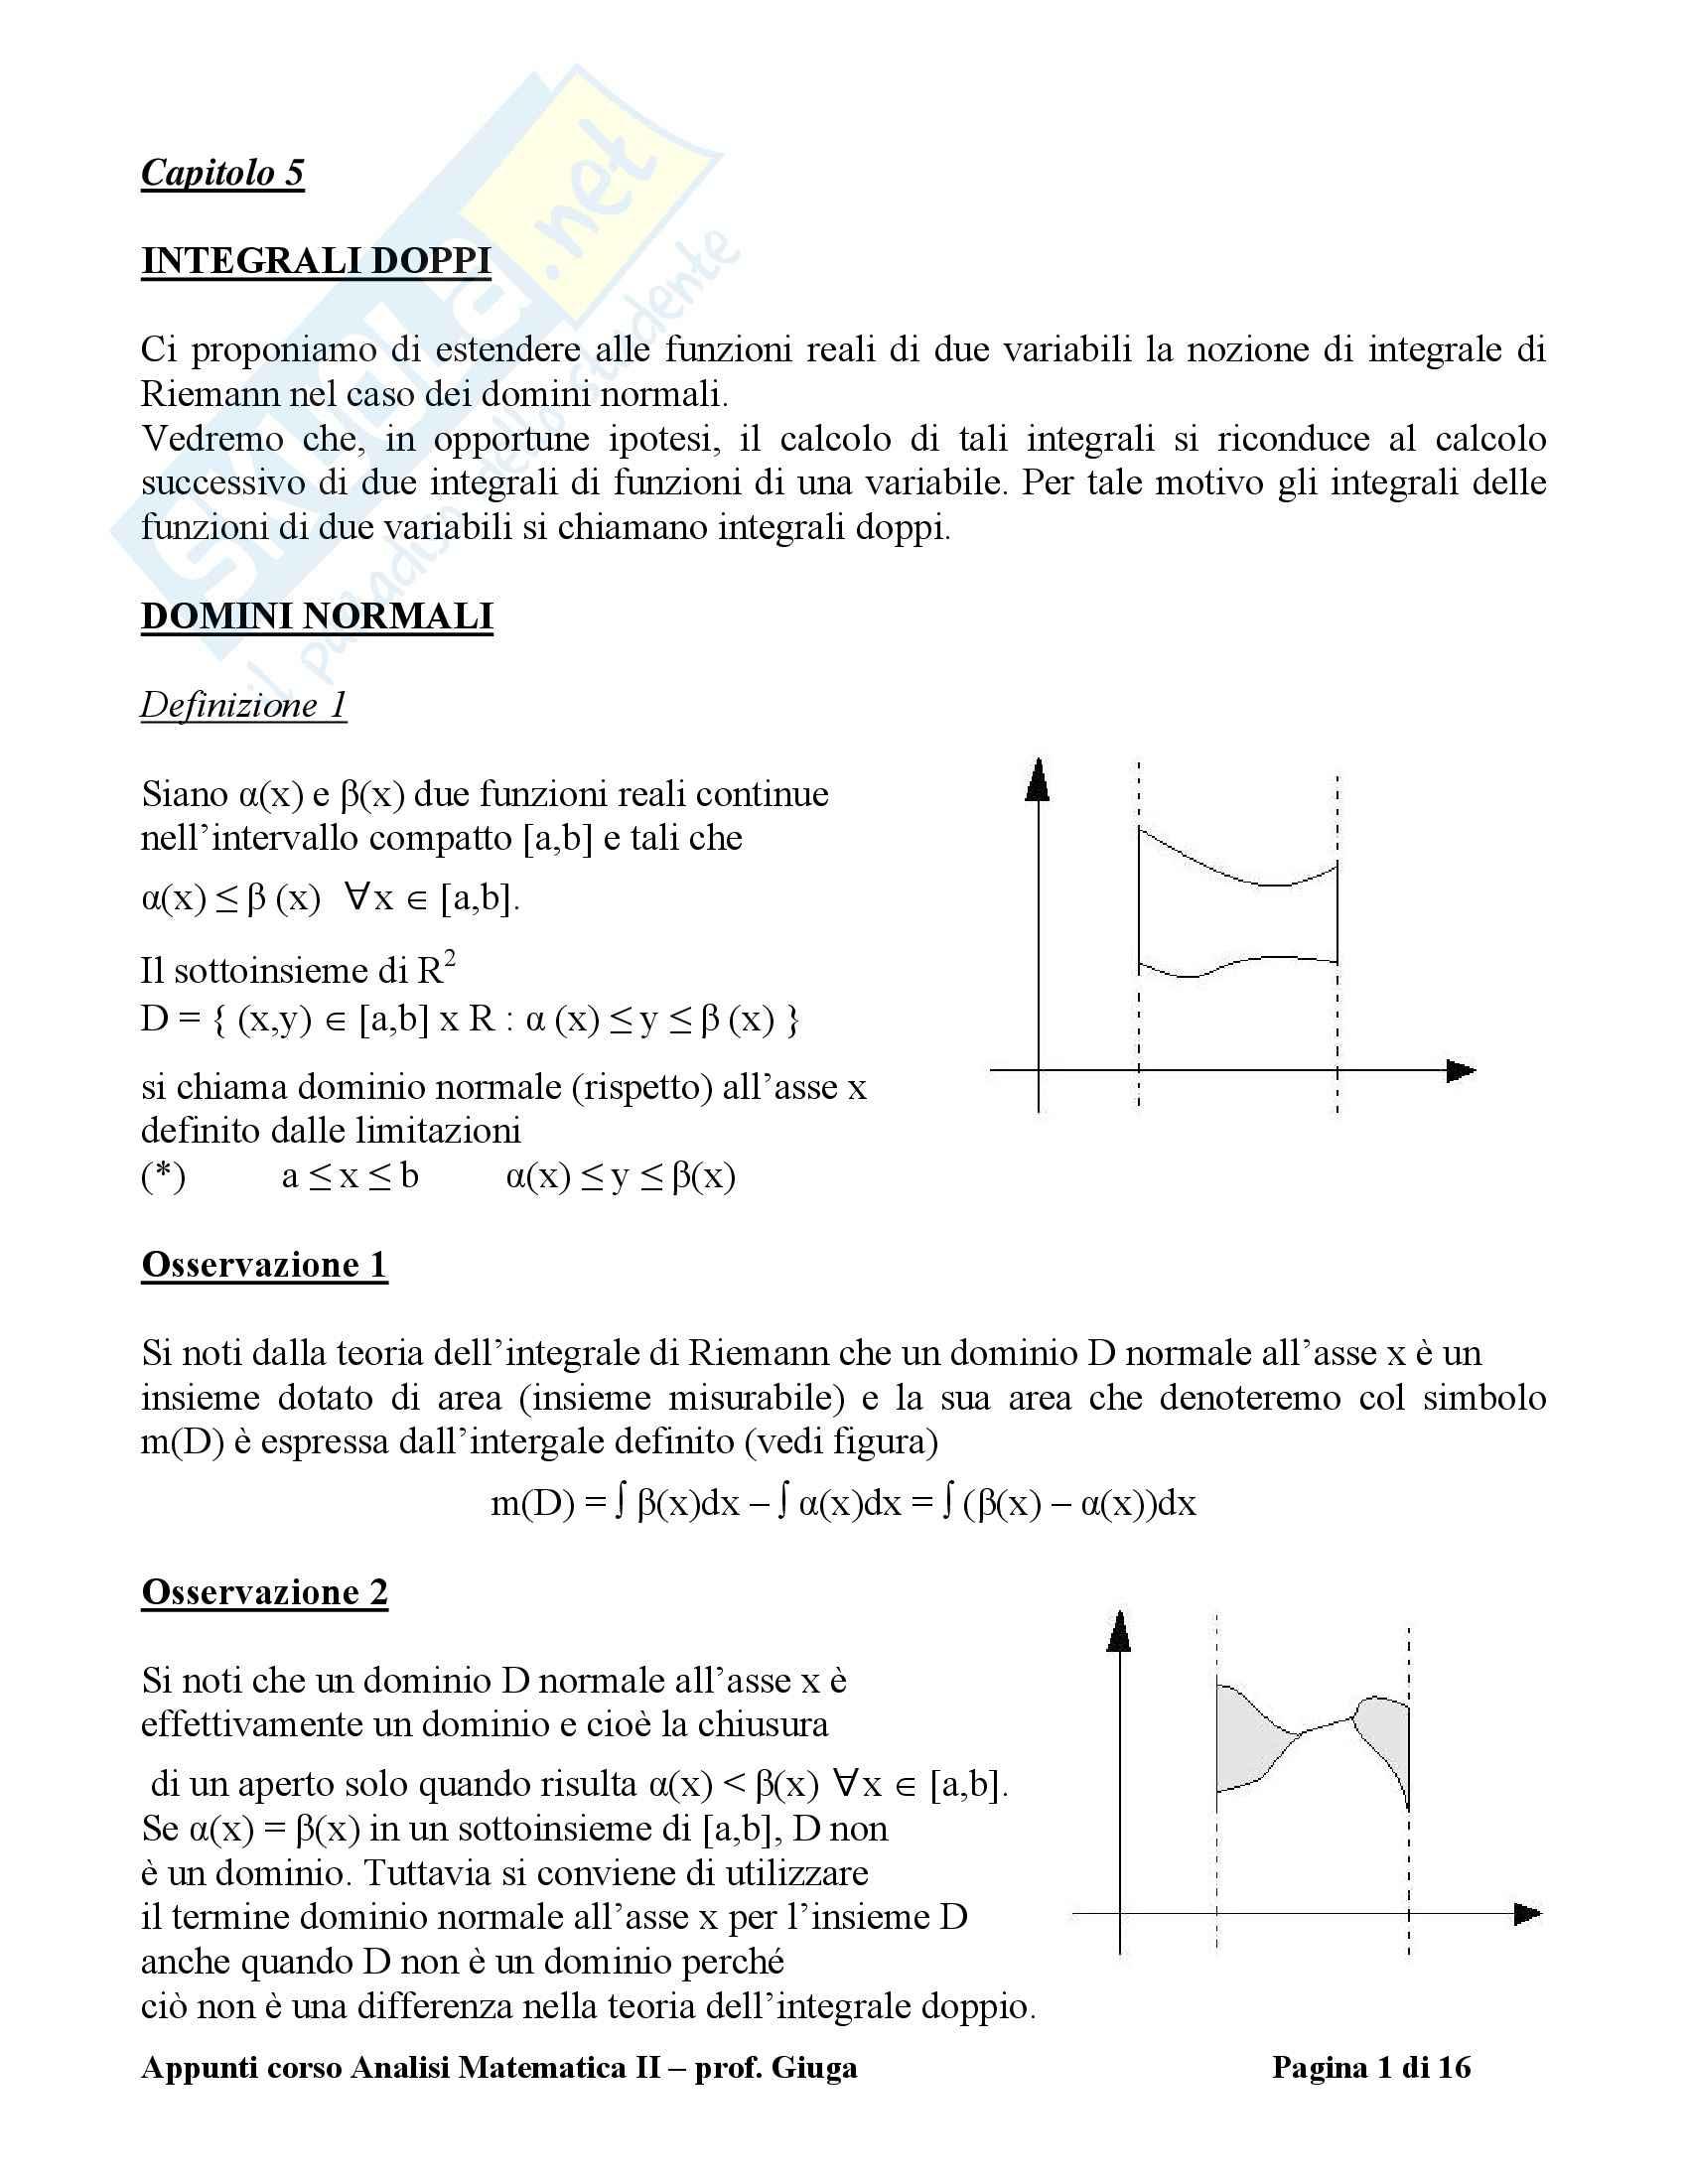 Analisi matematica II - i domini normali